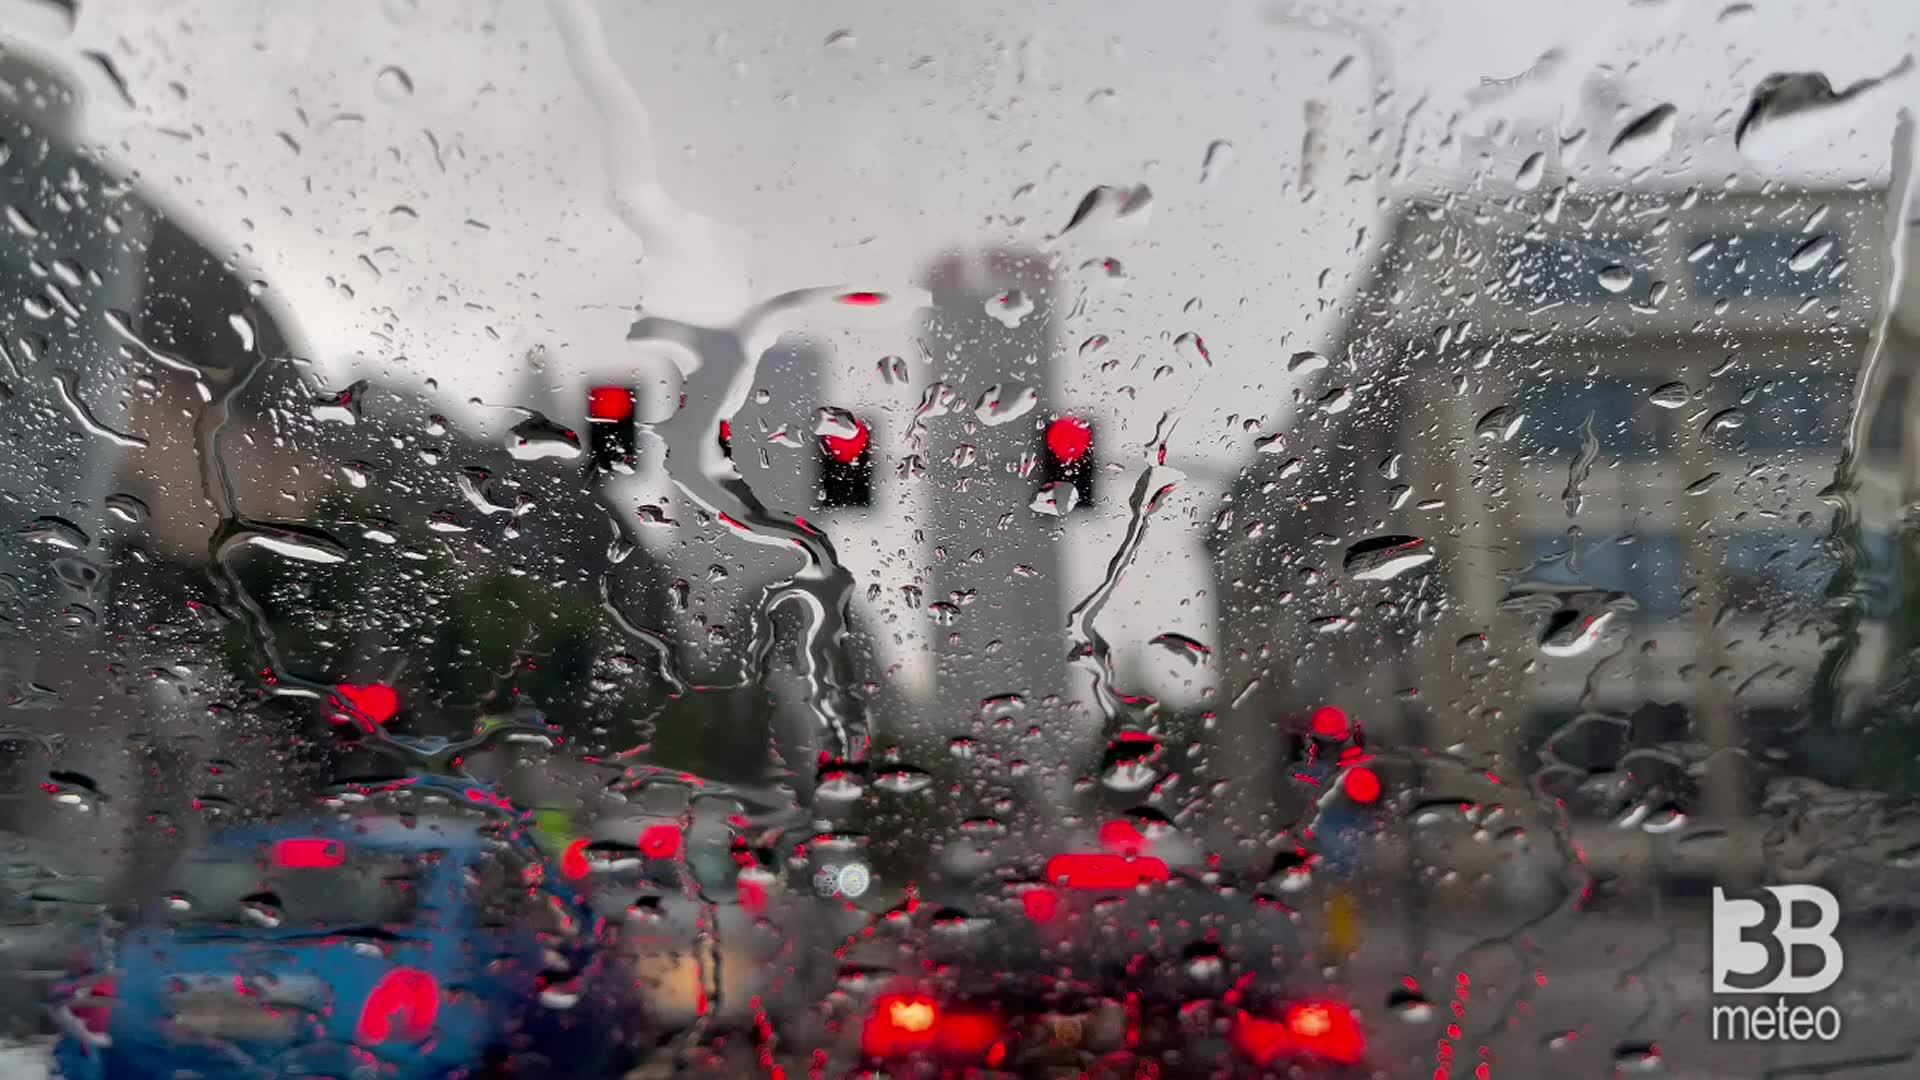 Milano, forte pioggia e grandine: camera car h 18.30